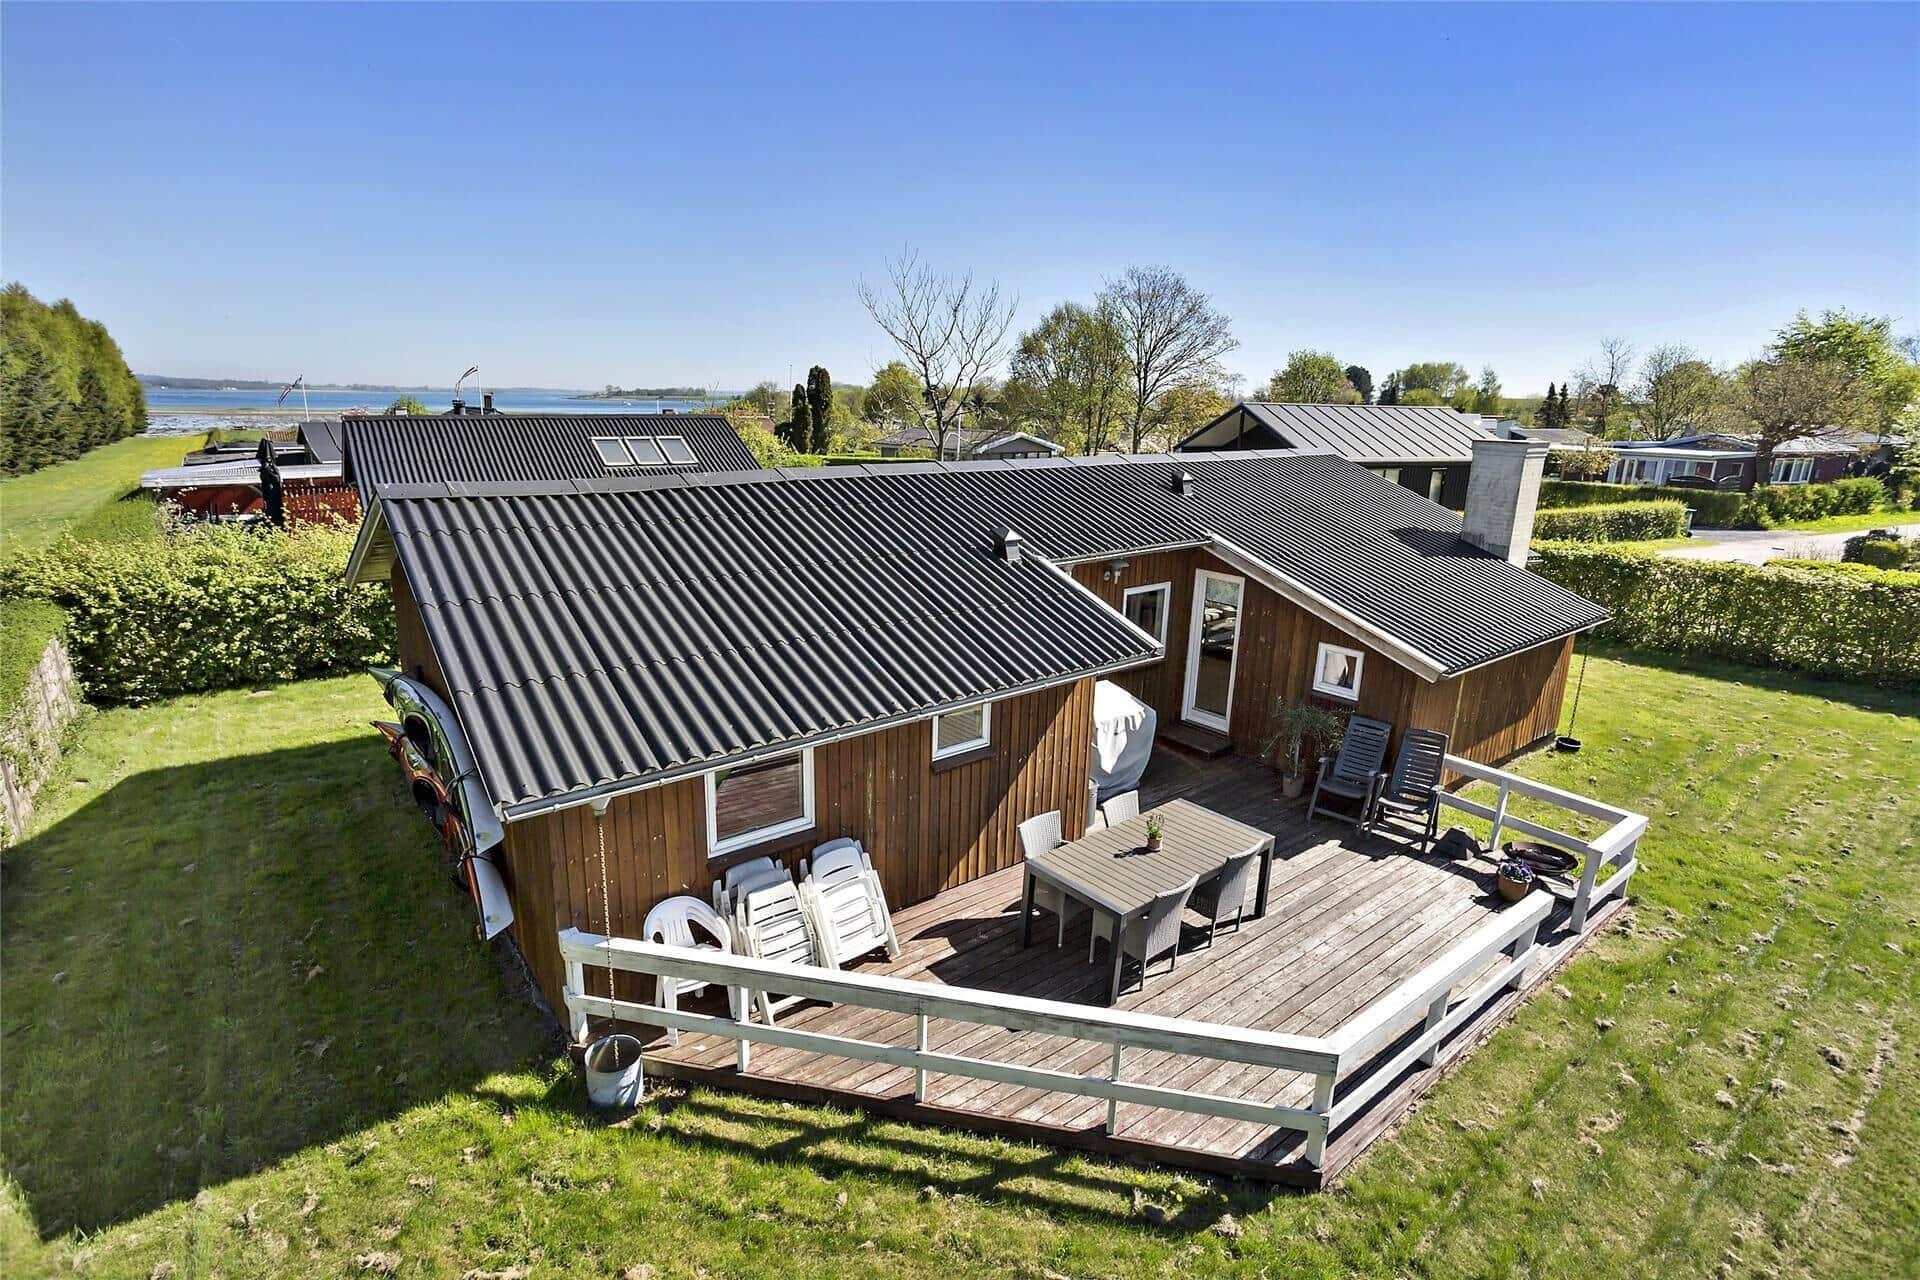 Bild 1-19 Ferienhaus 40605, Pilevænget 57, DK - 7130 Juelsminde